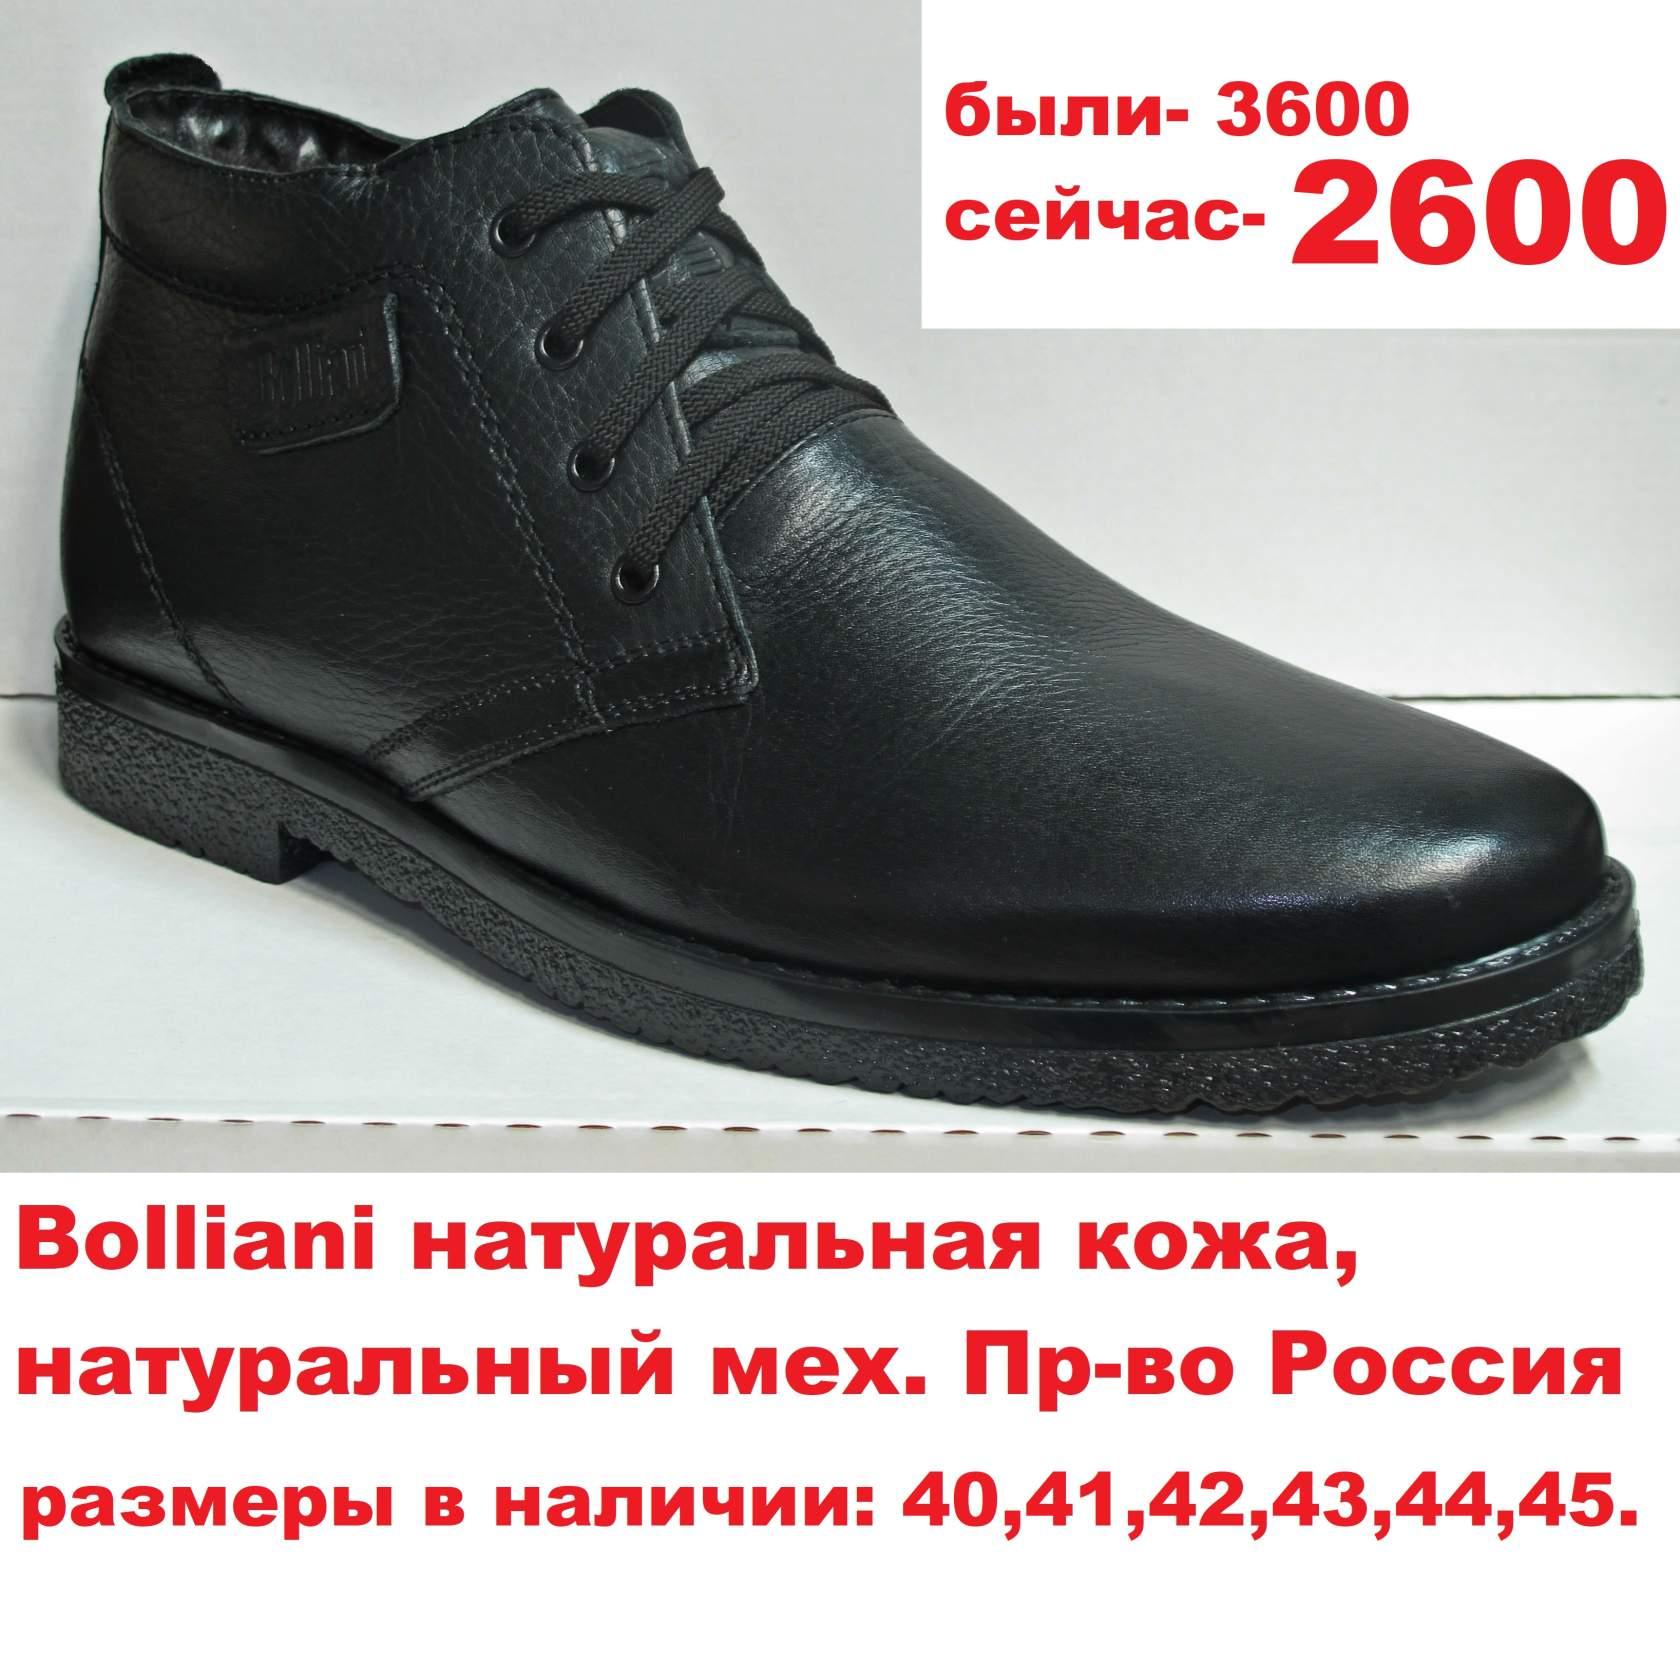 bcdada305 Страница Дмитрия: https://ok.ru/profile/545034969598 8-902-041-60-79,  Дмитрий. (Viber, WhatsApp). Мужская обувь г. Энгельс 89020416079-Дмитрий